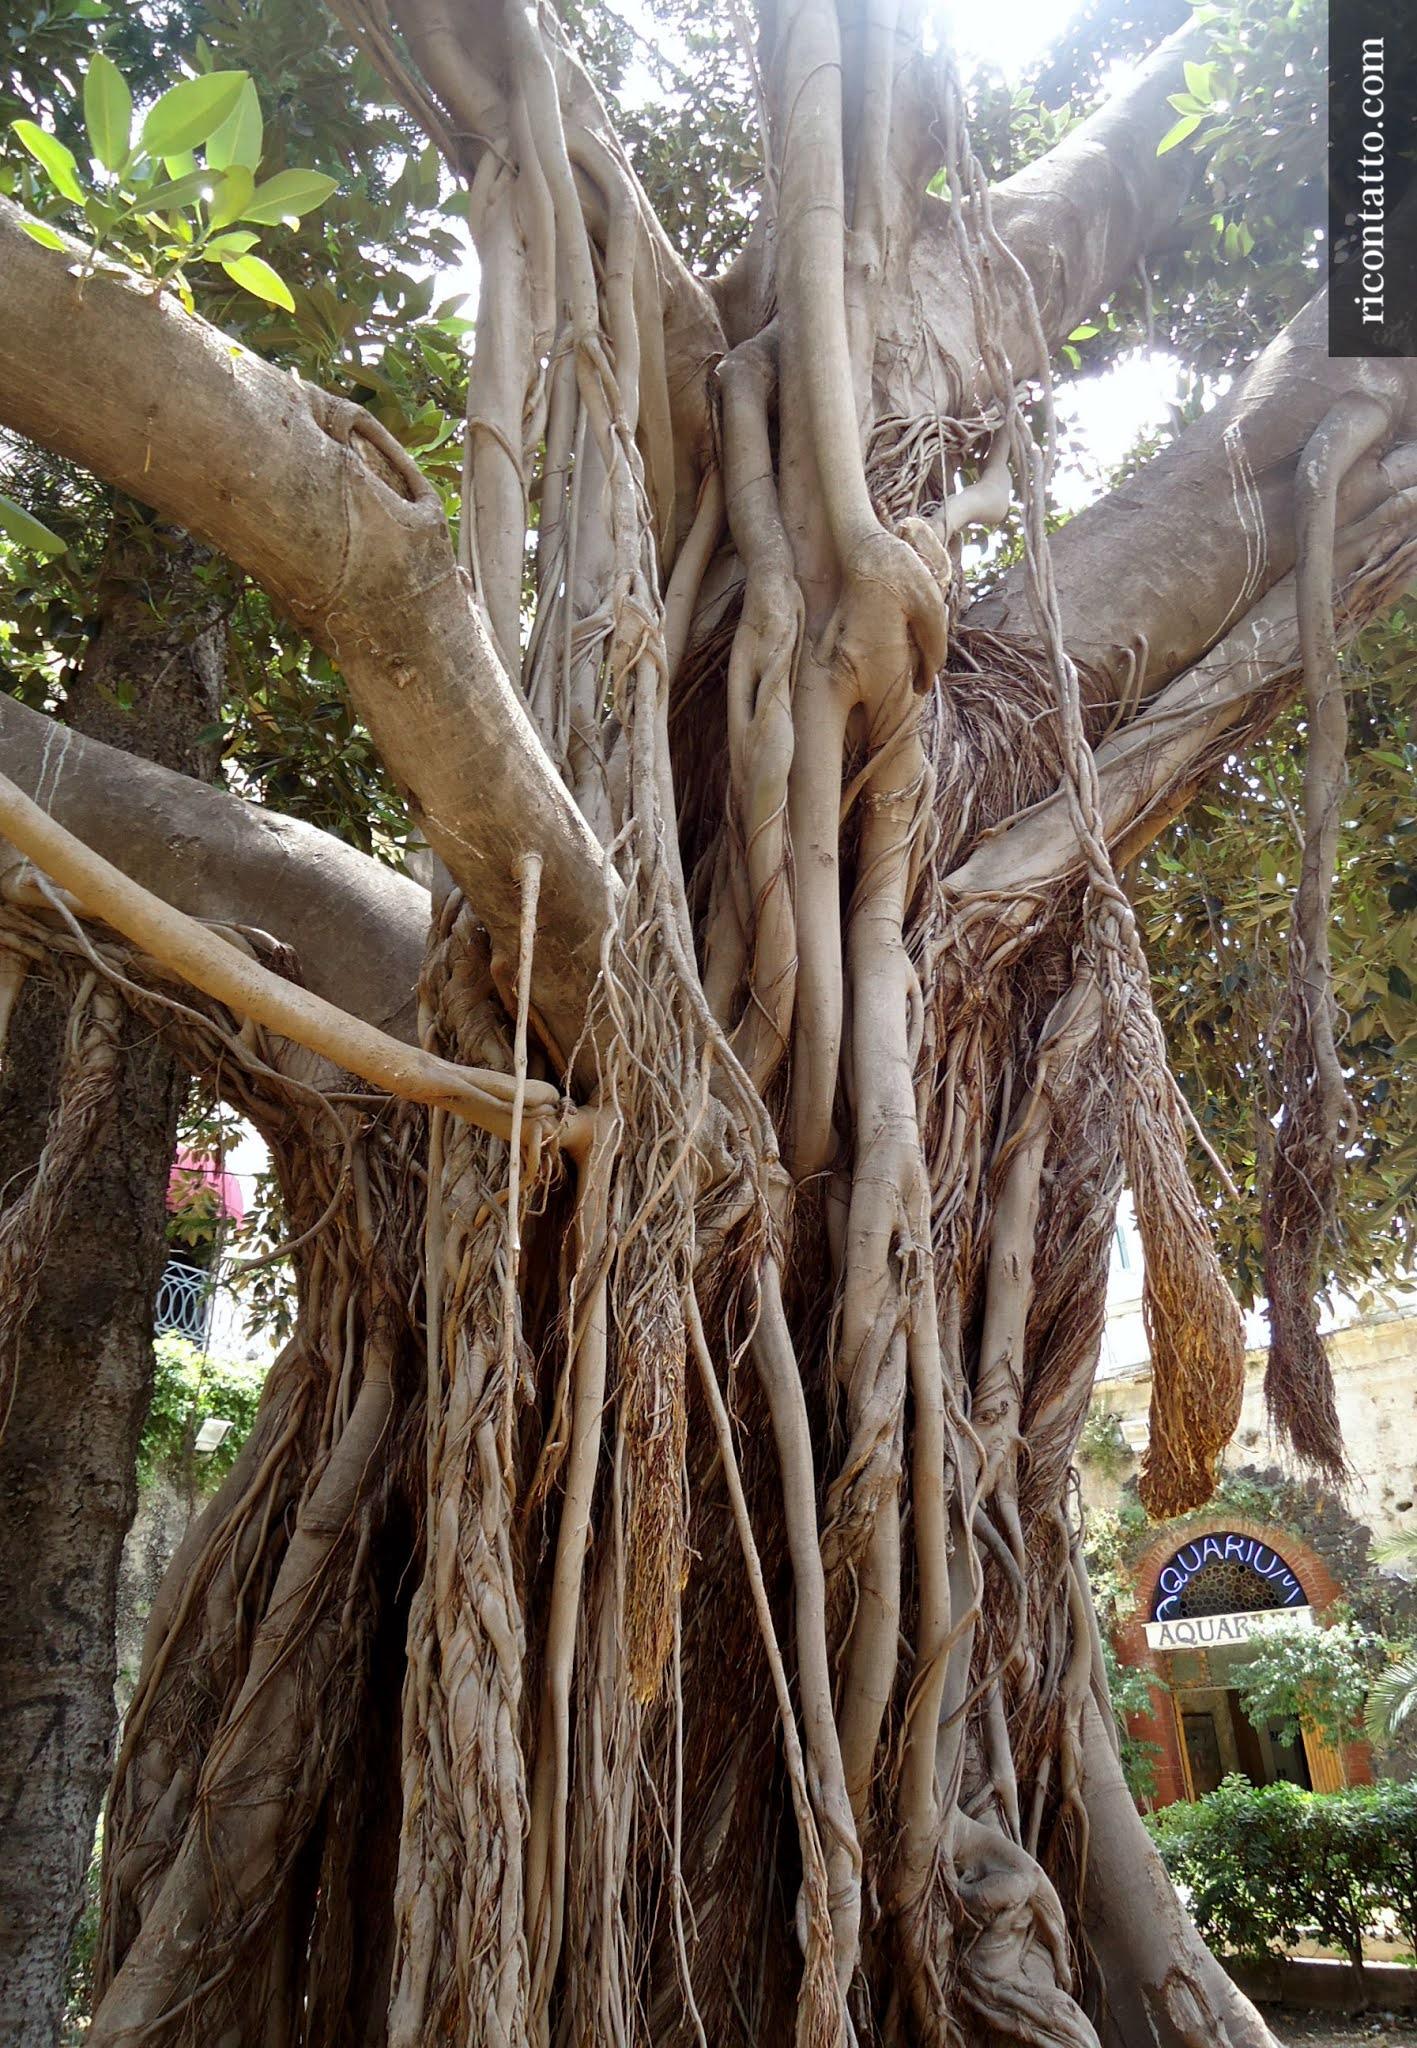 Siracusa, Sicilia, Italy - Photo #06 by Ricontatto.com